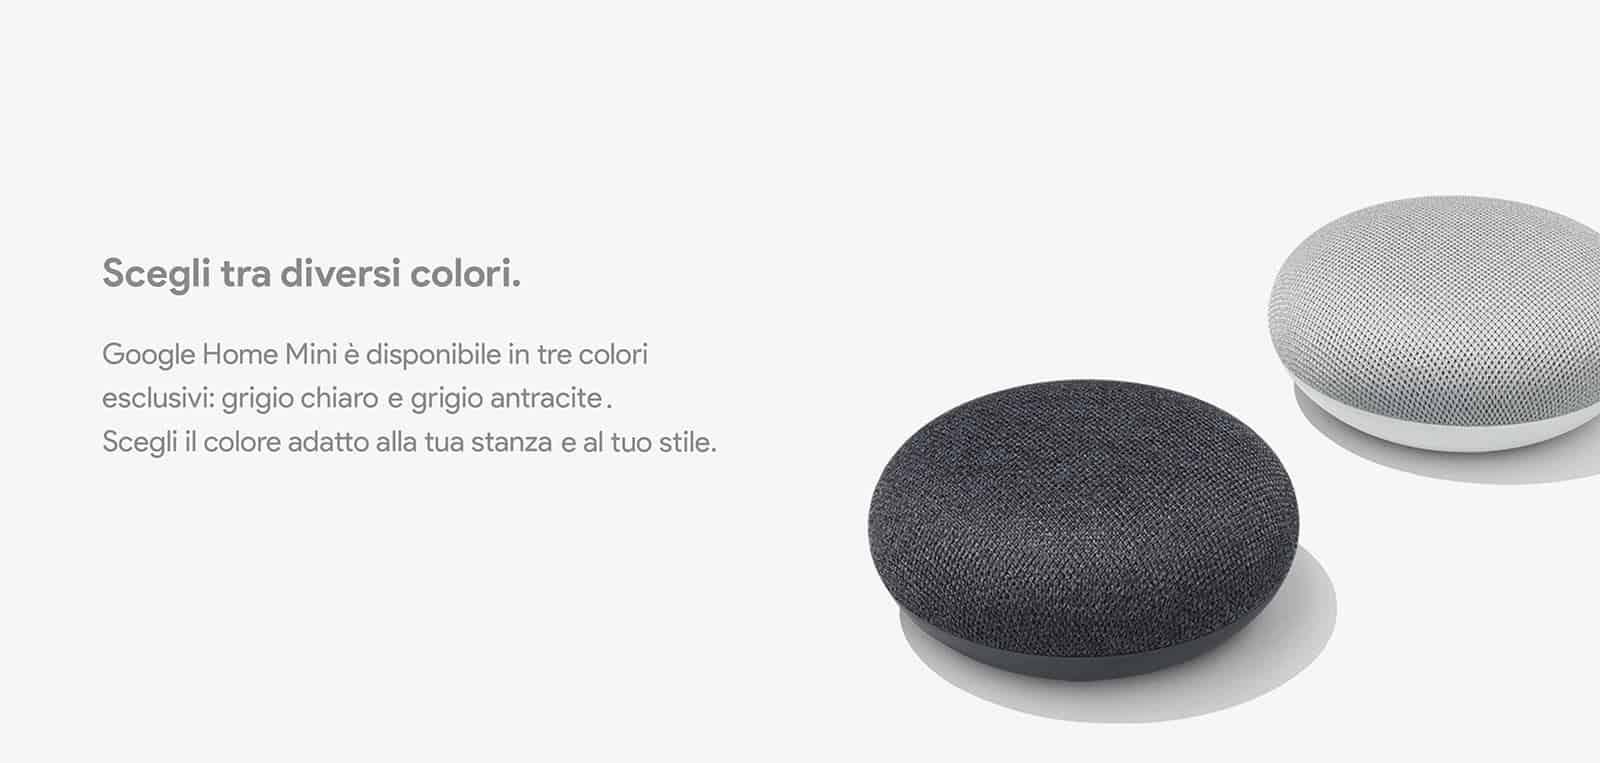 Da Unieuro Google Home Mini e Chromecast a 49 euro